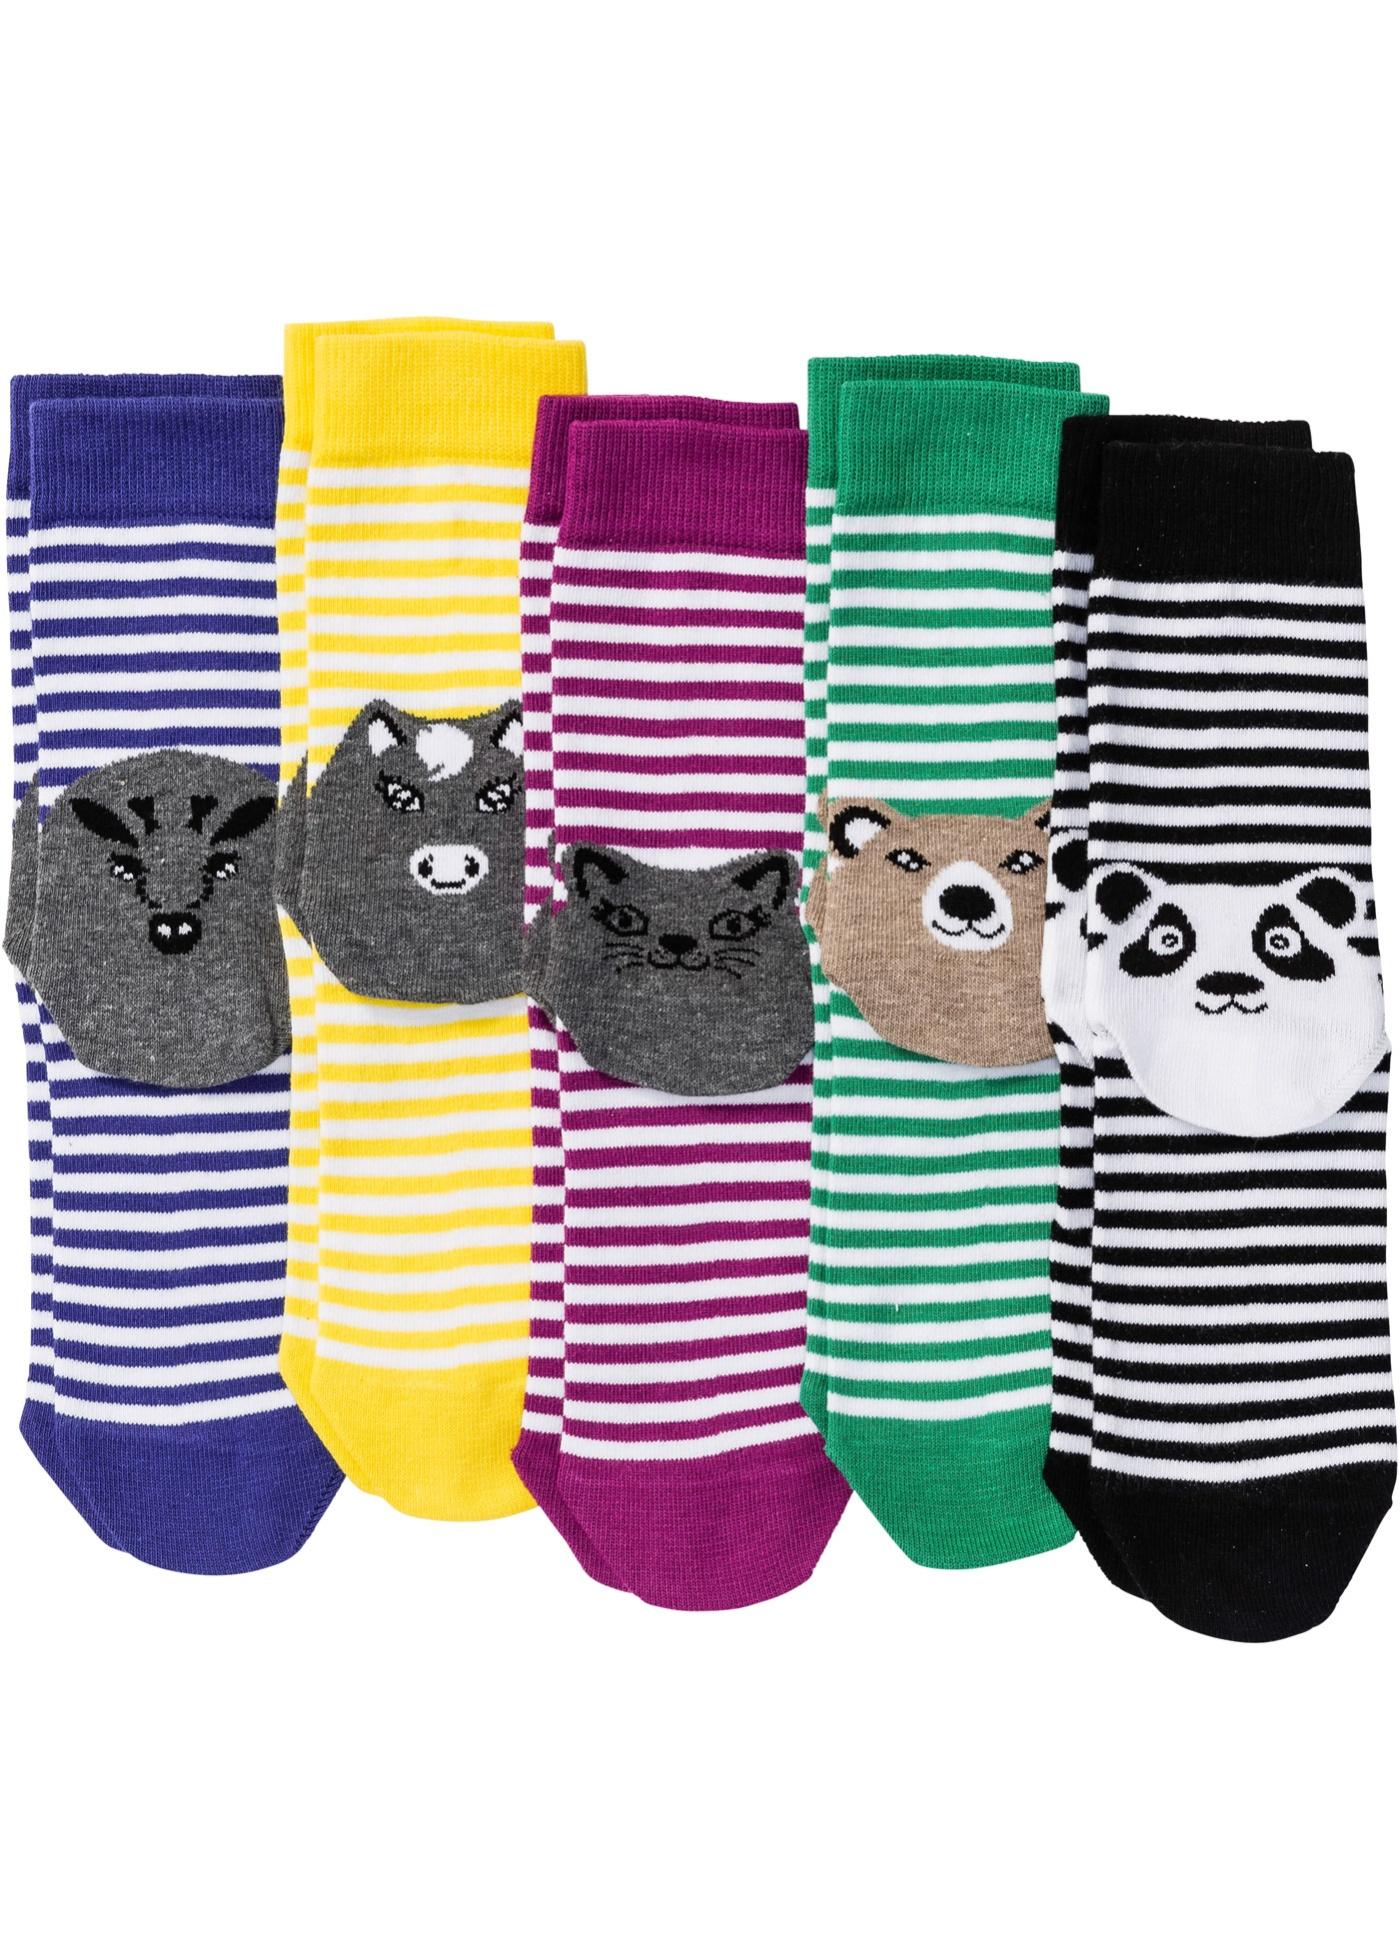 Lot de 5 paires de chaussettes rayées à motif animal